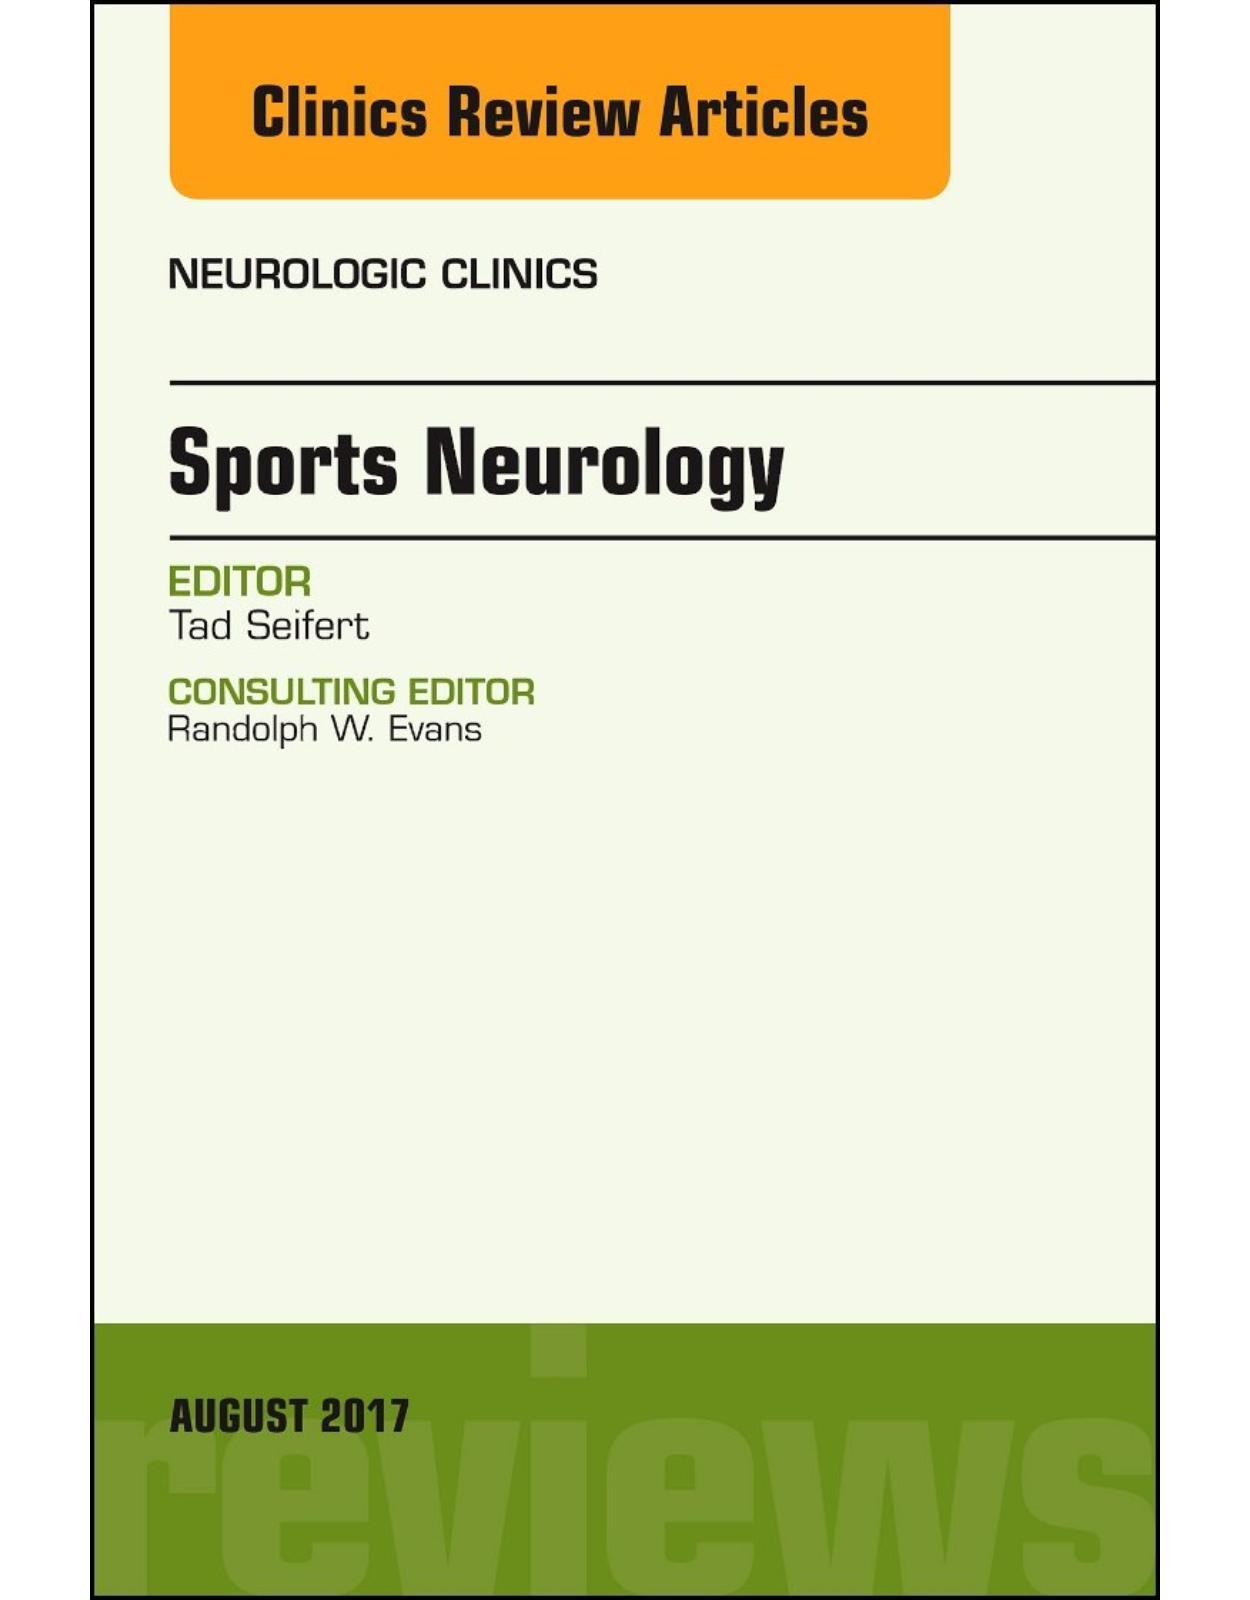 Sports Neurology, An Issue of Neurologic Clinics, Volume 35-3